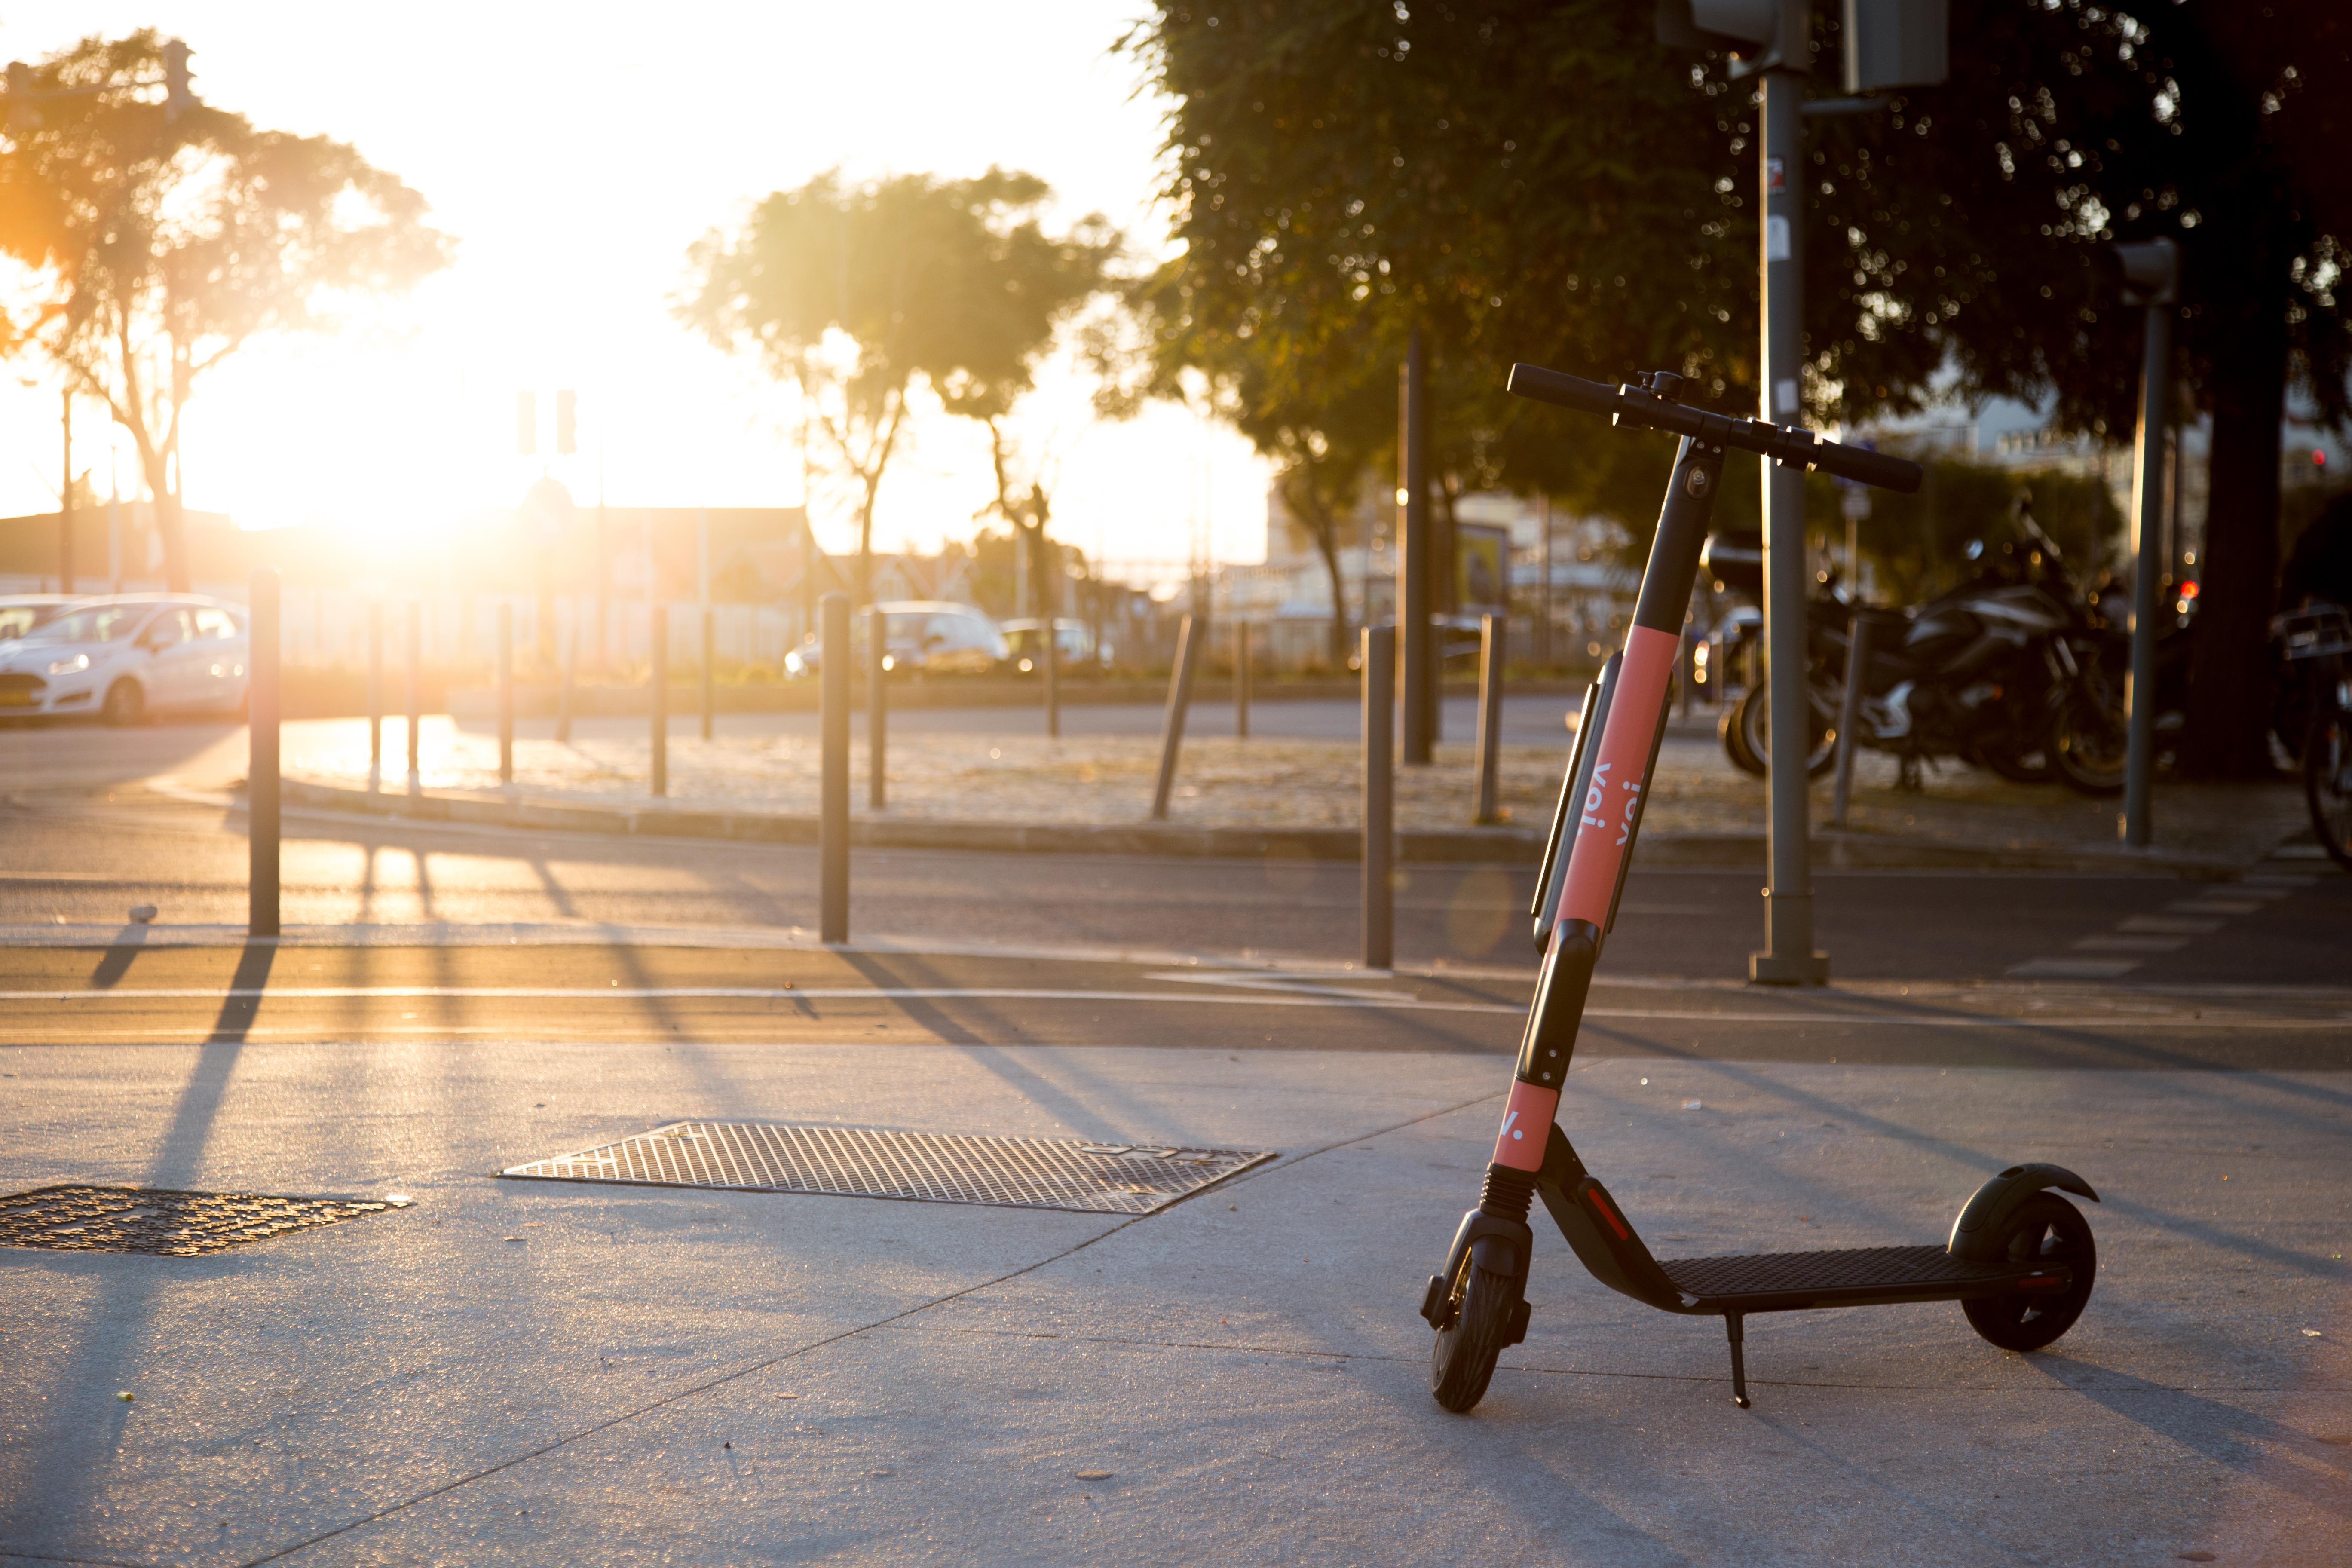 https://techcrunch.com/wp-content/uploads/2019/03/VOI-6-scooter-Lisbon.jpg